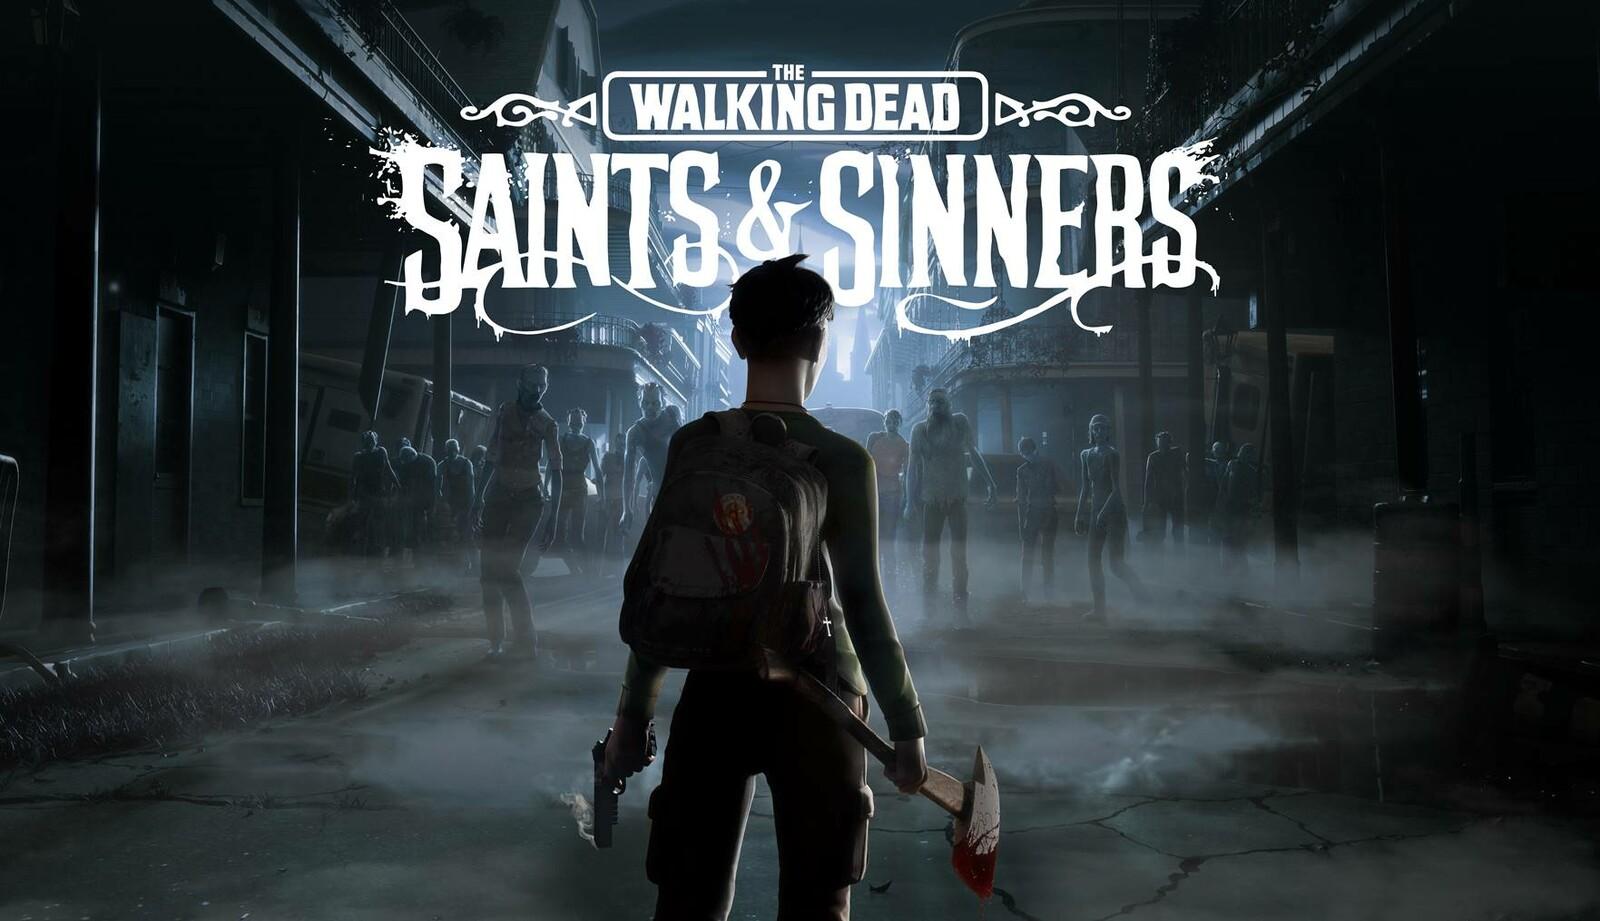 The Walking Dead : Saints & Sinners -Keyart & Coverart